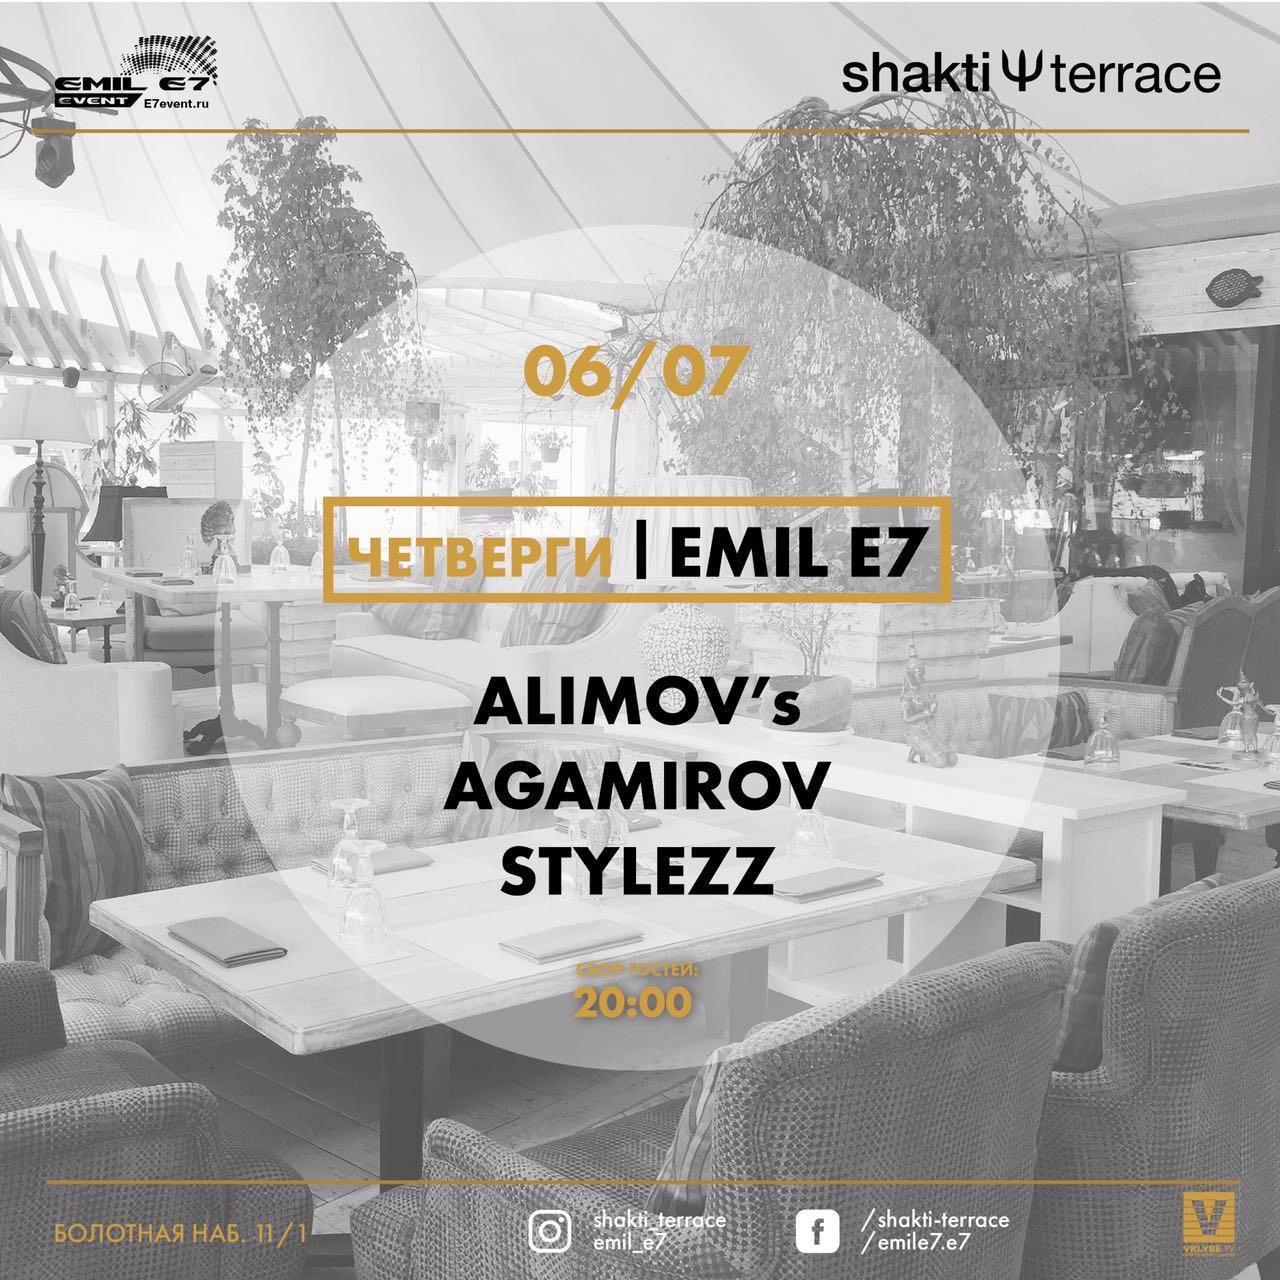 Сегодня тусовка (модельный стол) в ресторане Shakti Terrace